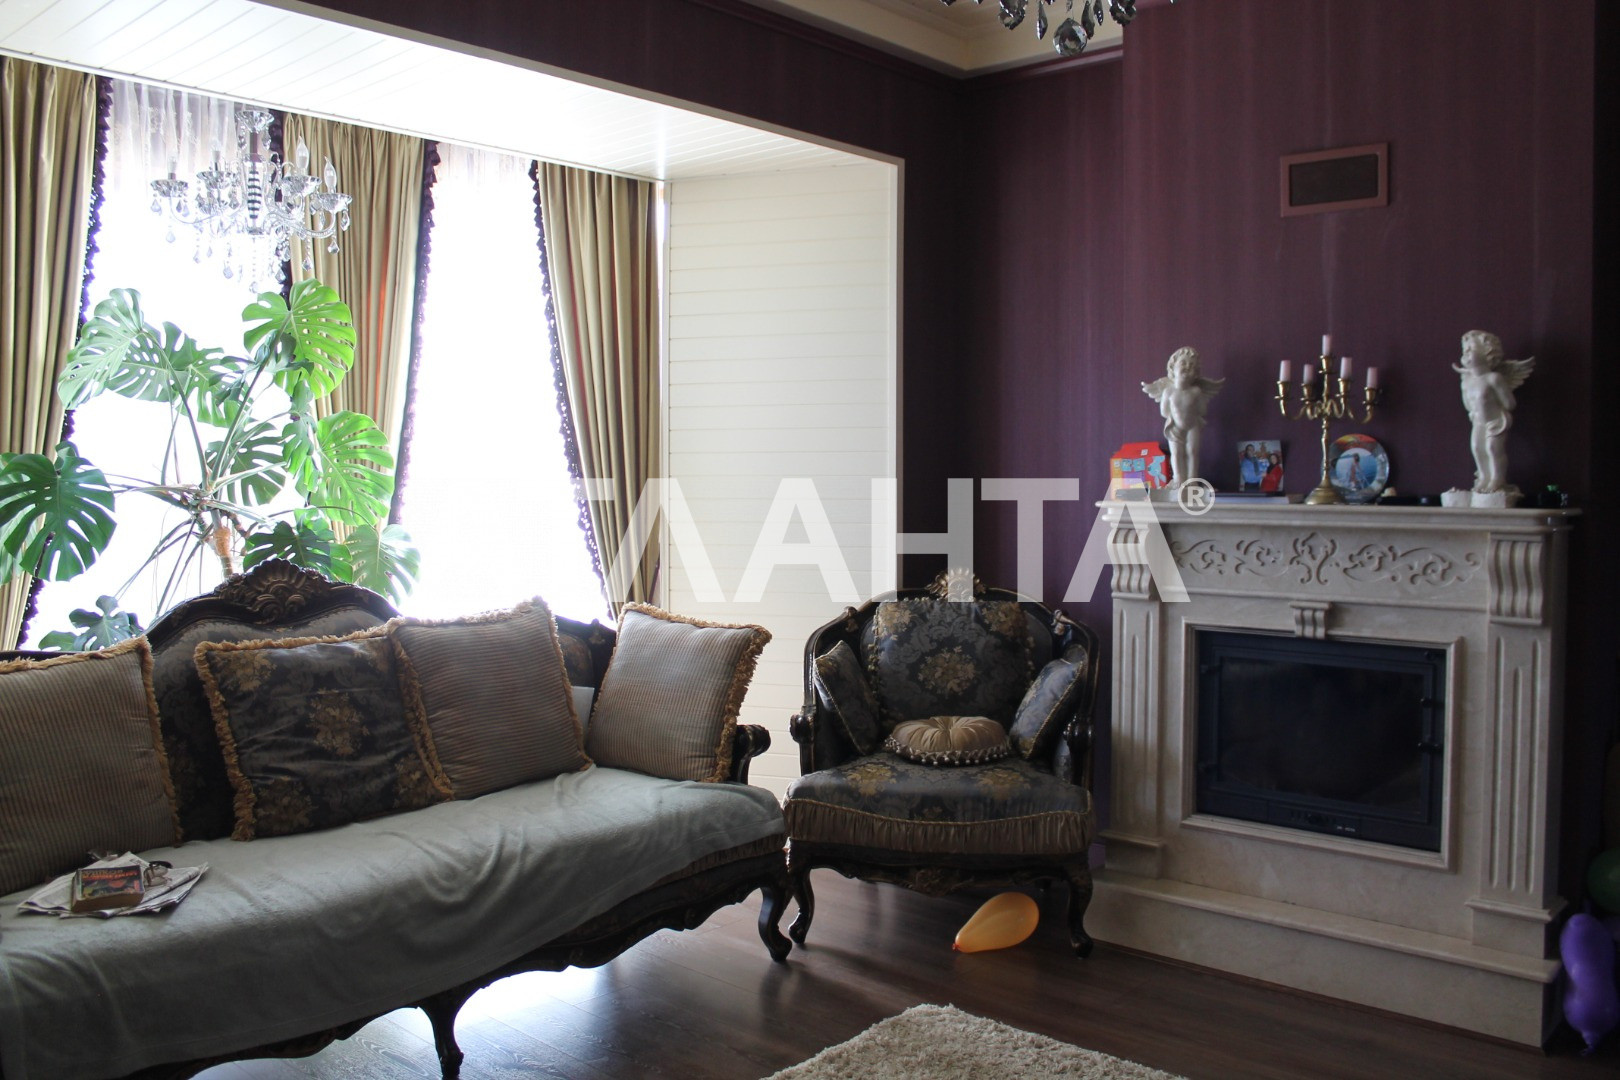 Продается Дом на ул. Хмельницкого Богдана — 270 000 у.е. (фото №4)